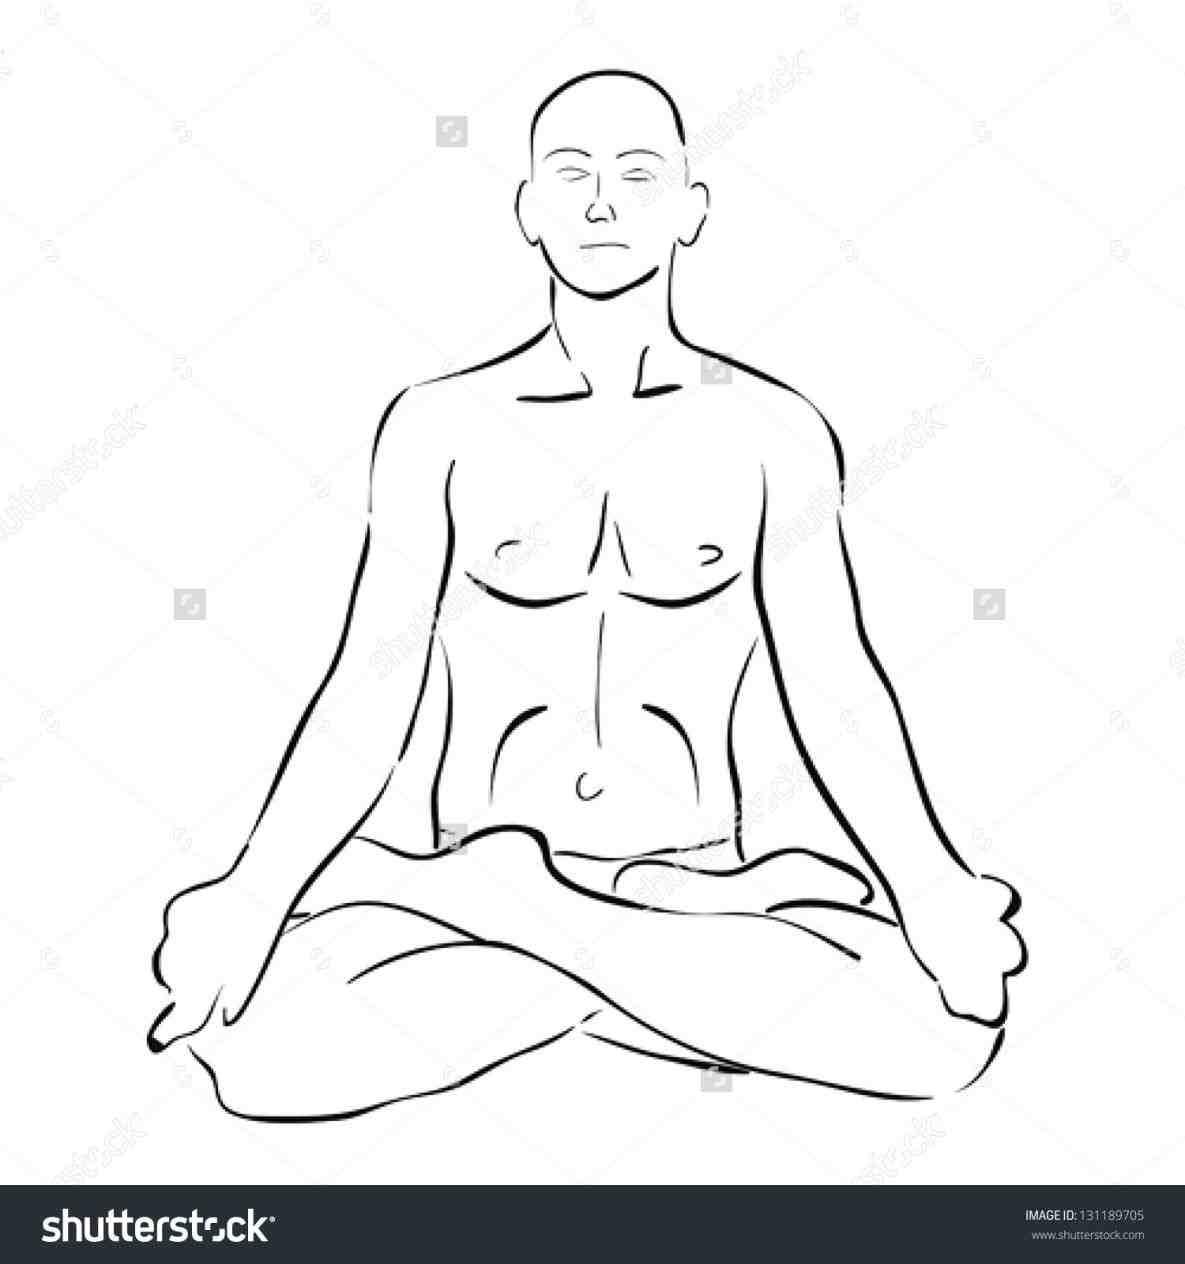 1185x1264 Doing Yoga Girl Lotus Position Drawing Doing Yoga Vector Stock